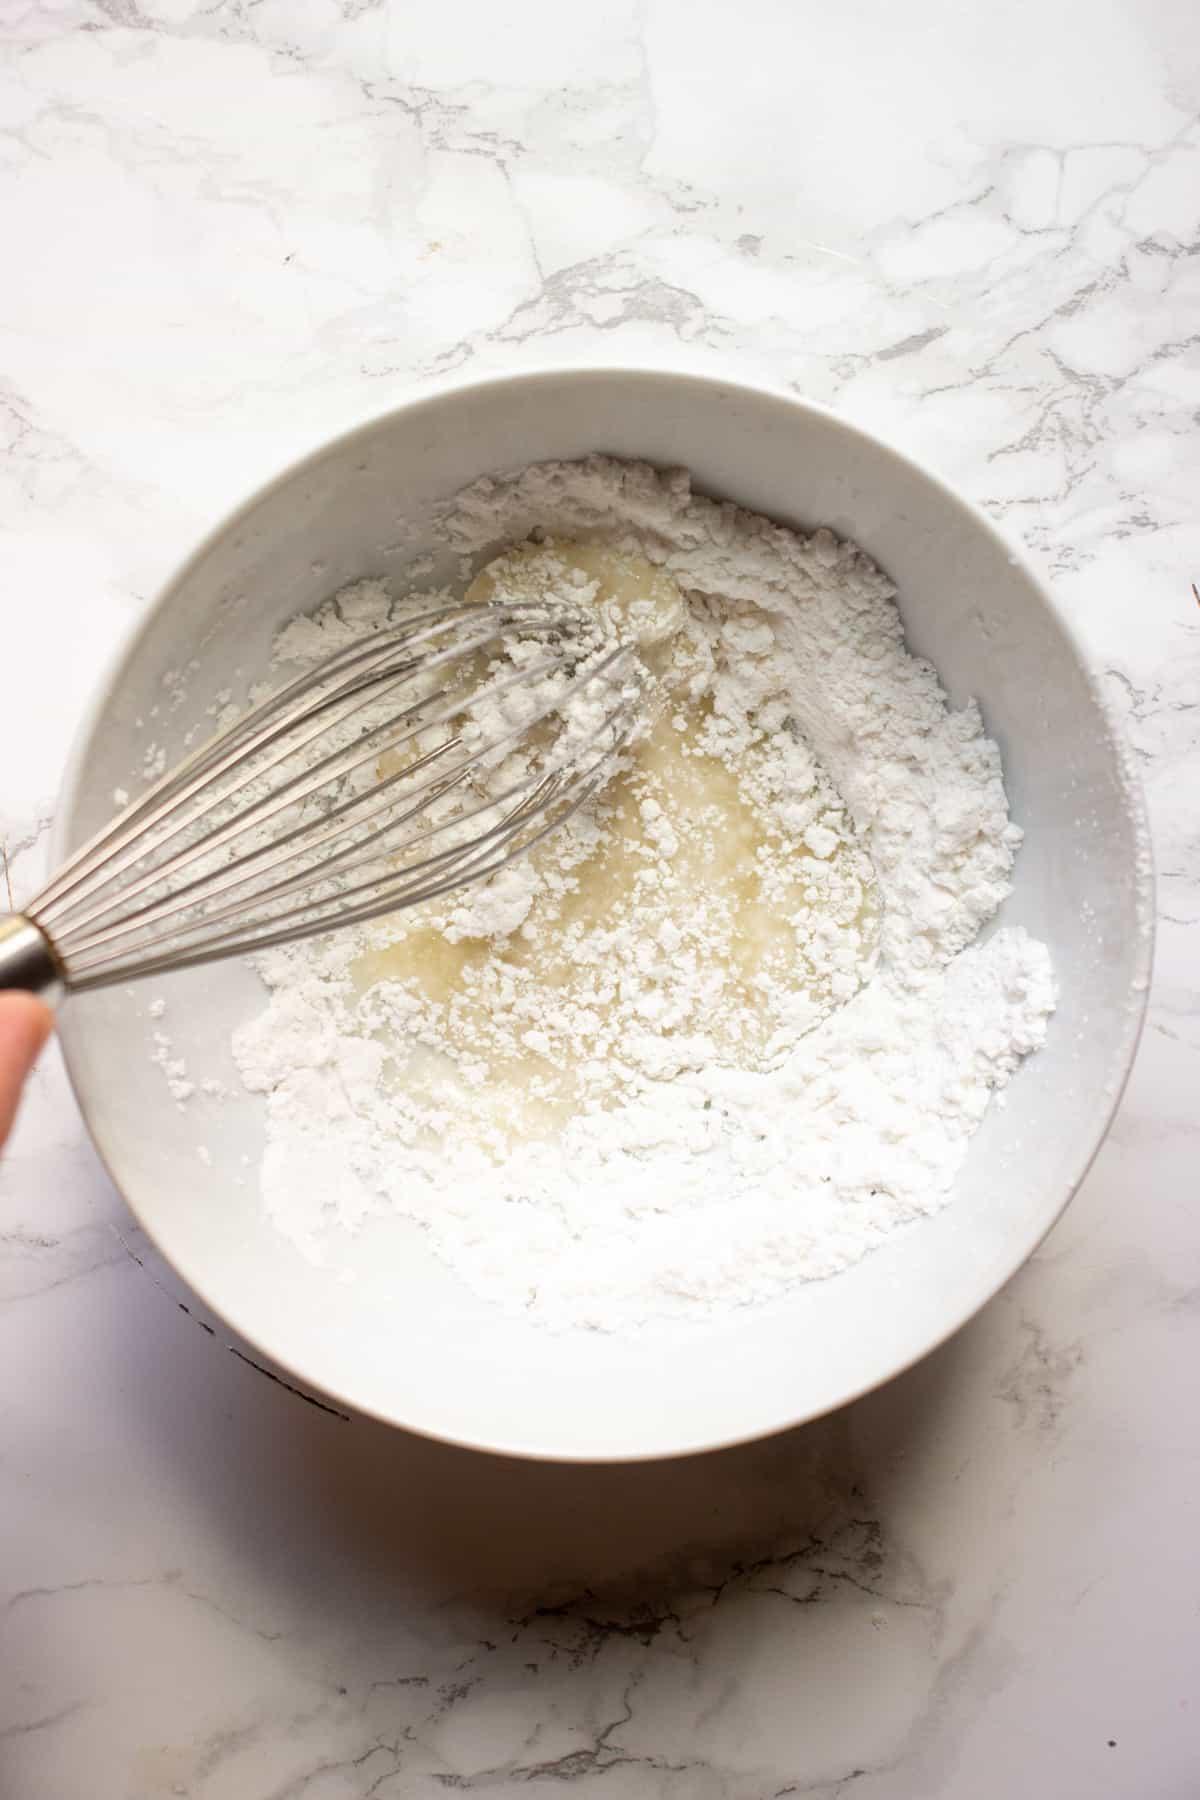 Making a sugar-lemon glaze in a small white bowl